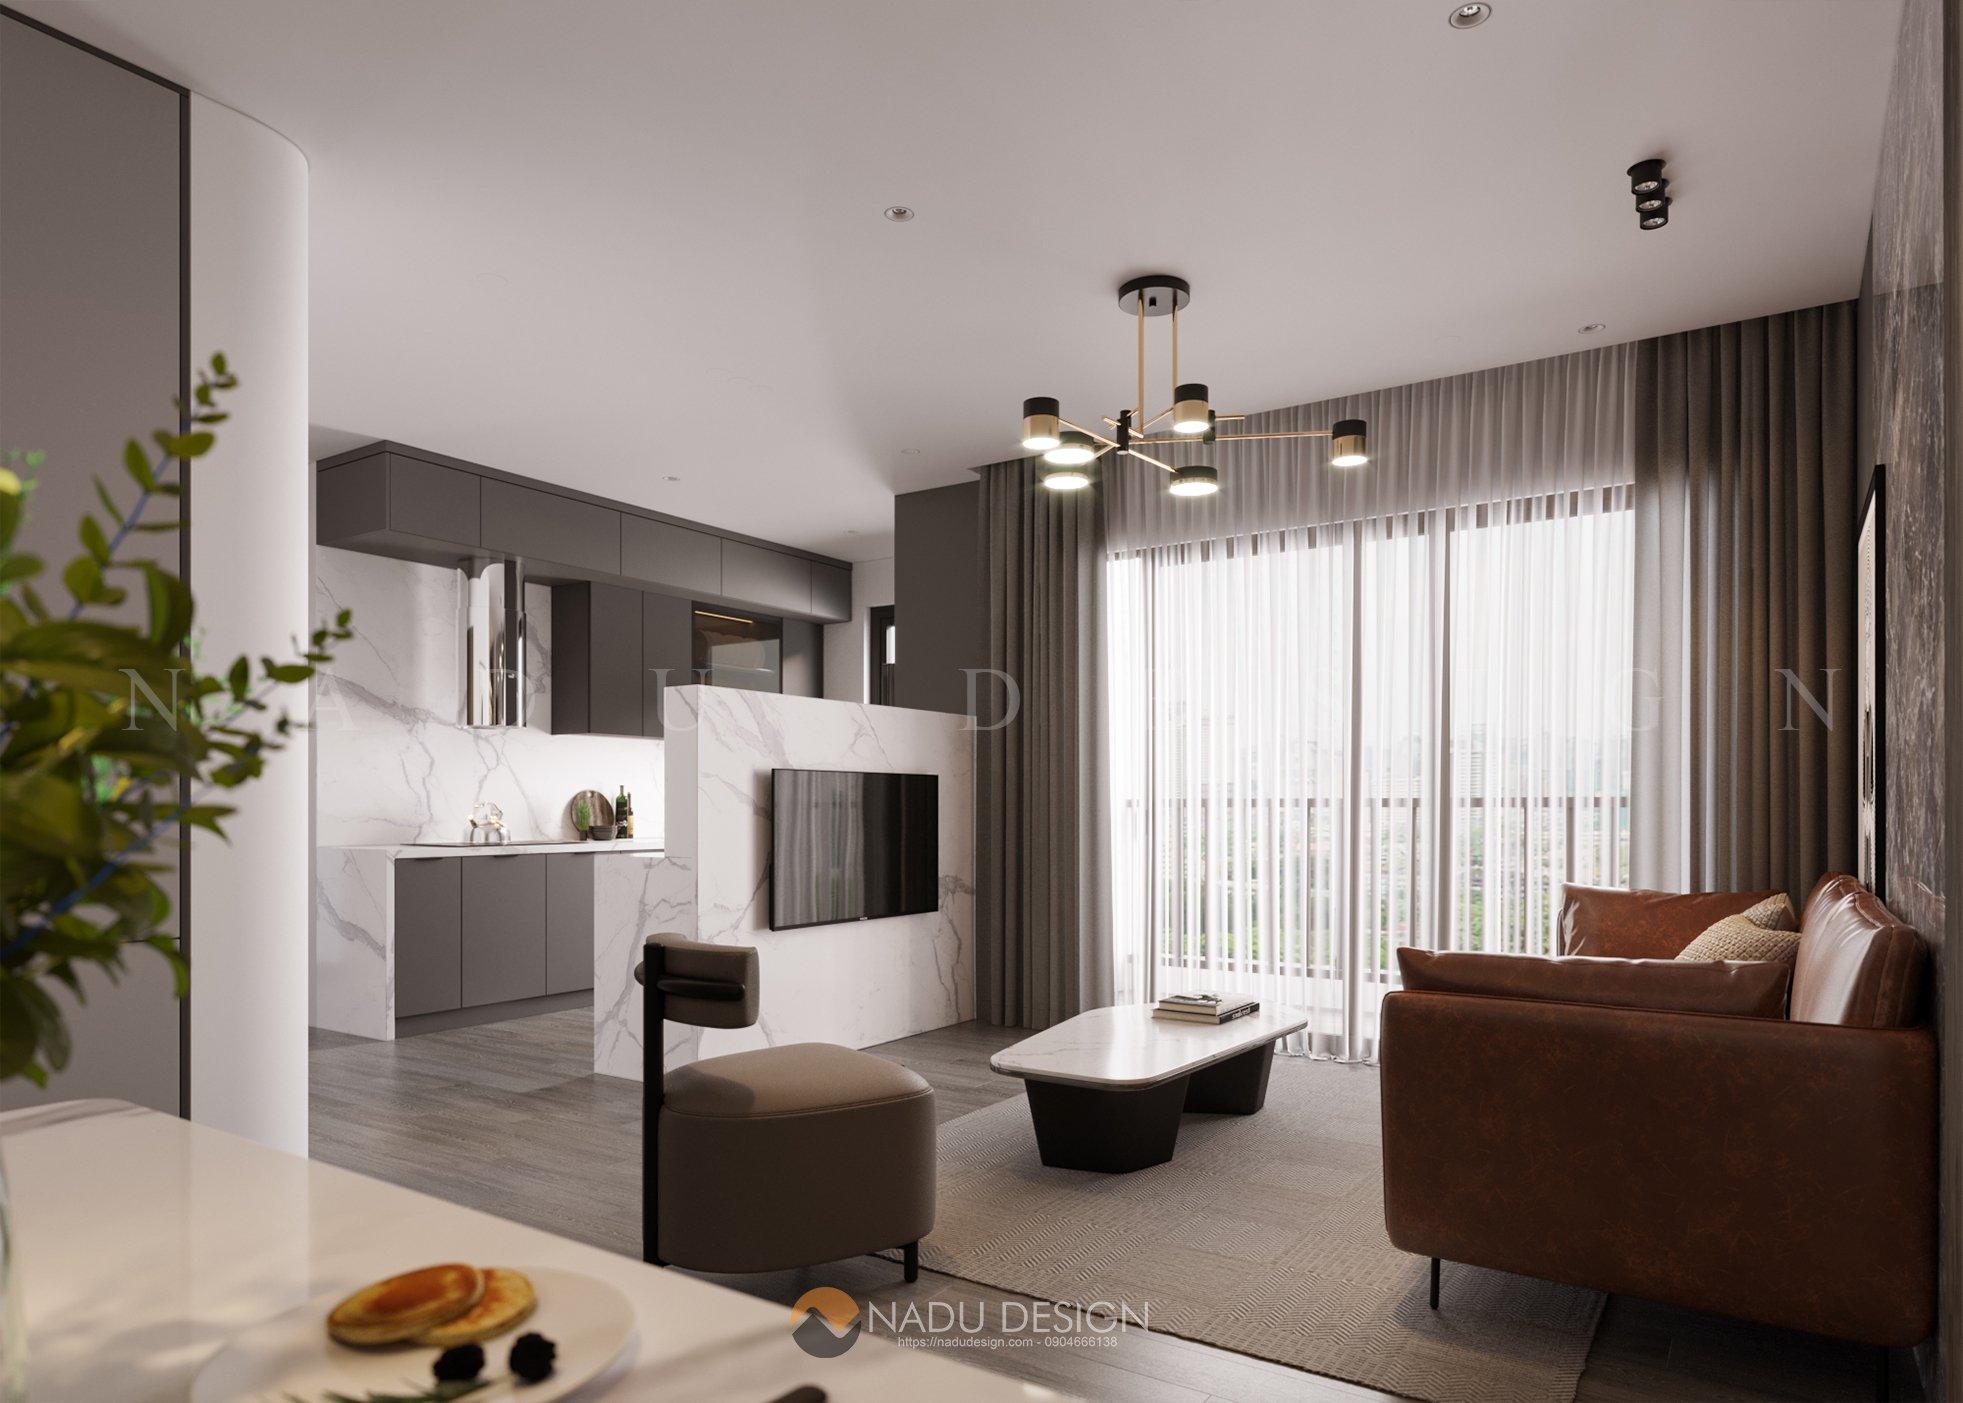 Thiết kế căn hộ Vinhomes Smart City 80m2 siêu thông minh